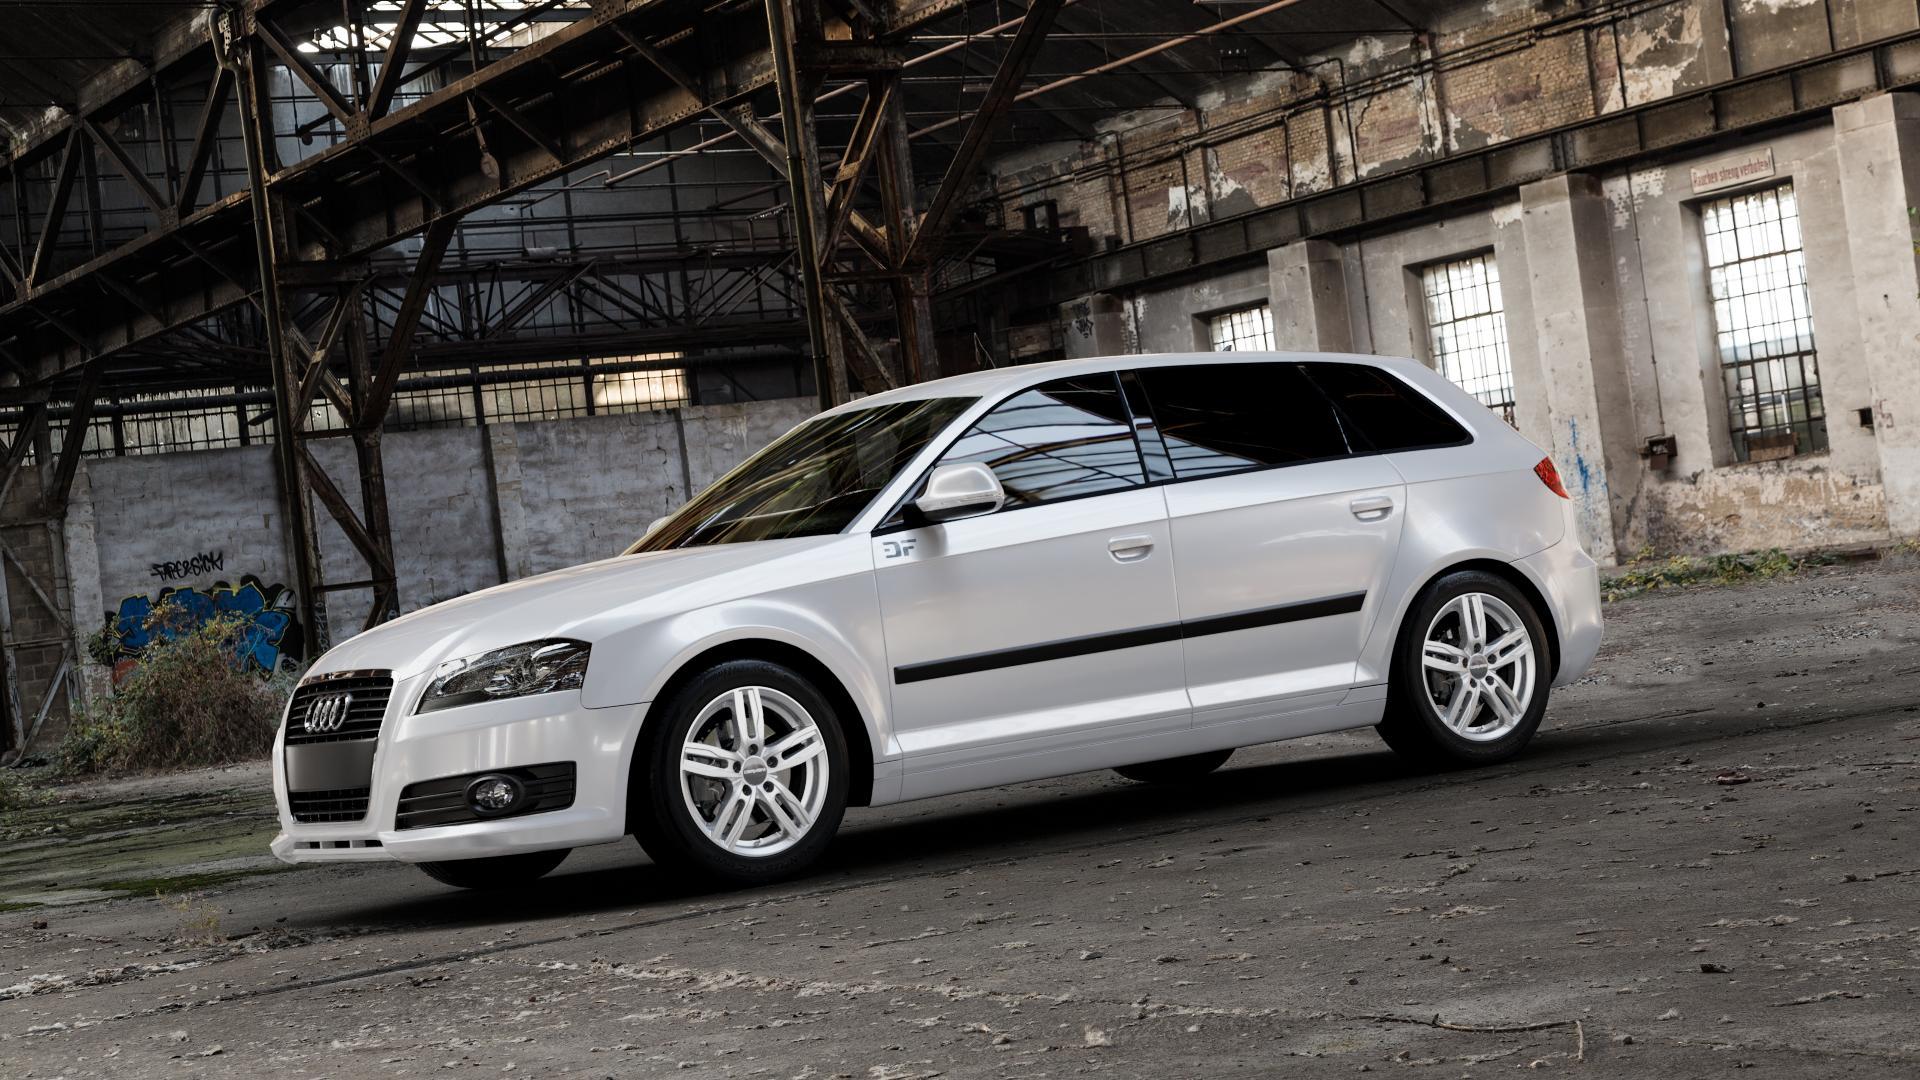 CARMANI 14 Paul kristall silber Felge mit Reifen in 16Zoll Winterfelge Alufelge auf weissem Audi A3 Typ 8P (Sportback) 1,6l 75kW (102 PS) 2,0l FSI 110kW (150 1,9l TDI 77kW (105 103kW (140 TFSI 147kW (200 85kW (116 100kW (136 1,8l 118kW (160 125kW (170 1,4l 92kW (125 120kW (163 quattro 3,2l V6 184kW (250 S3 195kW (265 1,2l 66kW (90 18